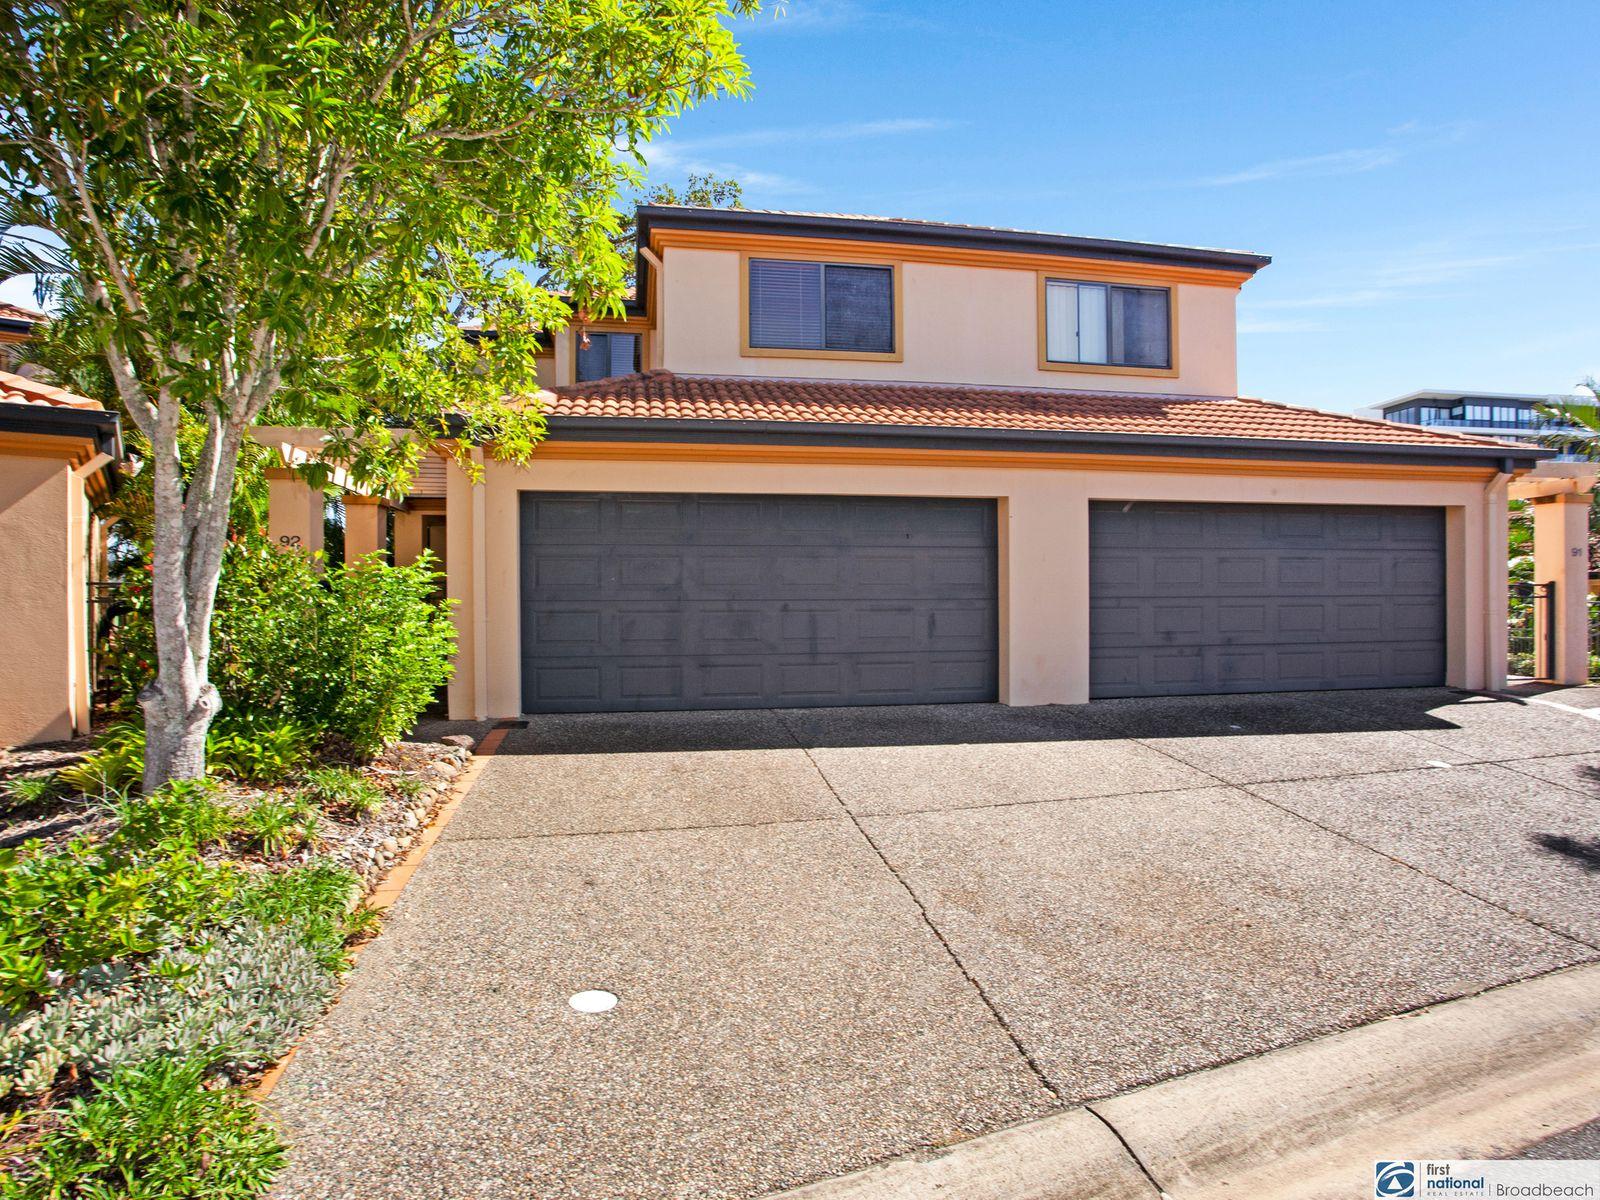 92/85 Palm Meadows Drive, Carrara, QLD 4211